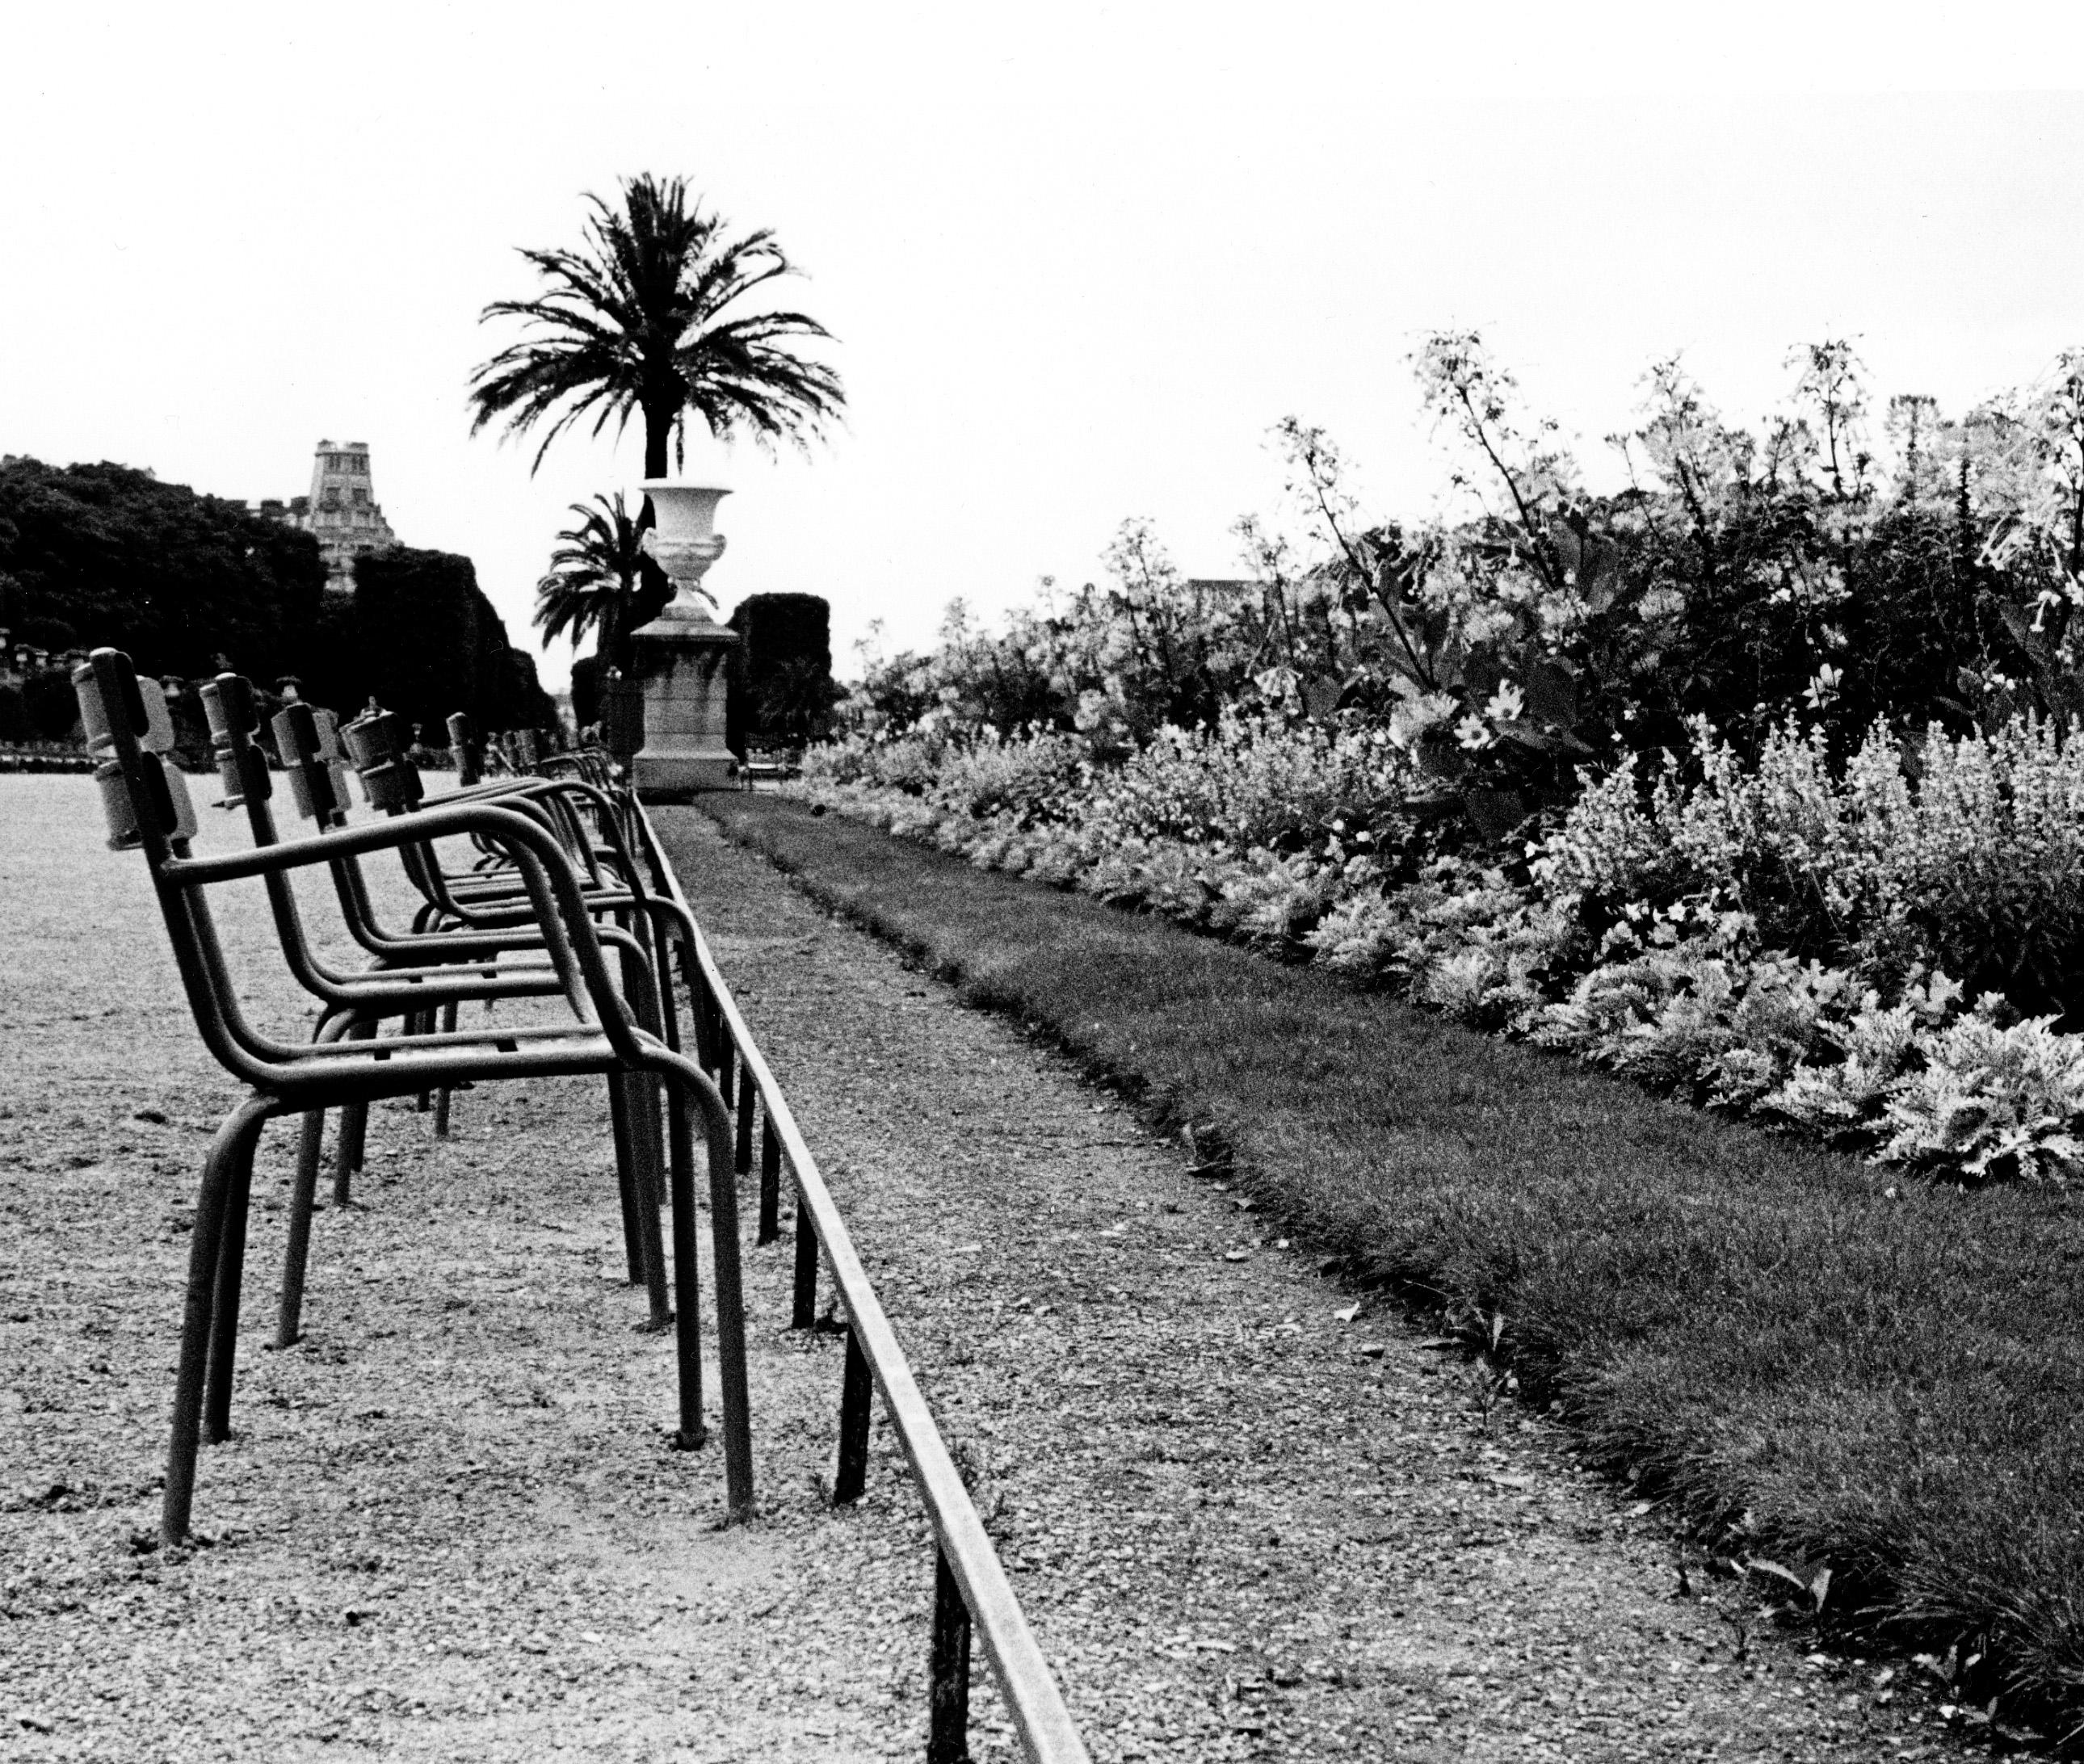 Luxemburg Gardens.